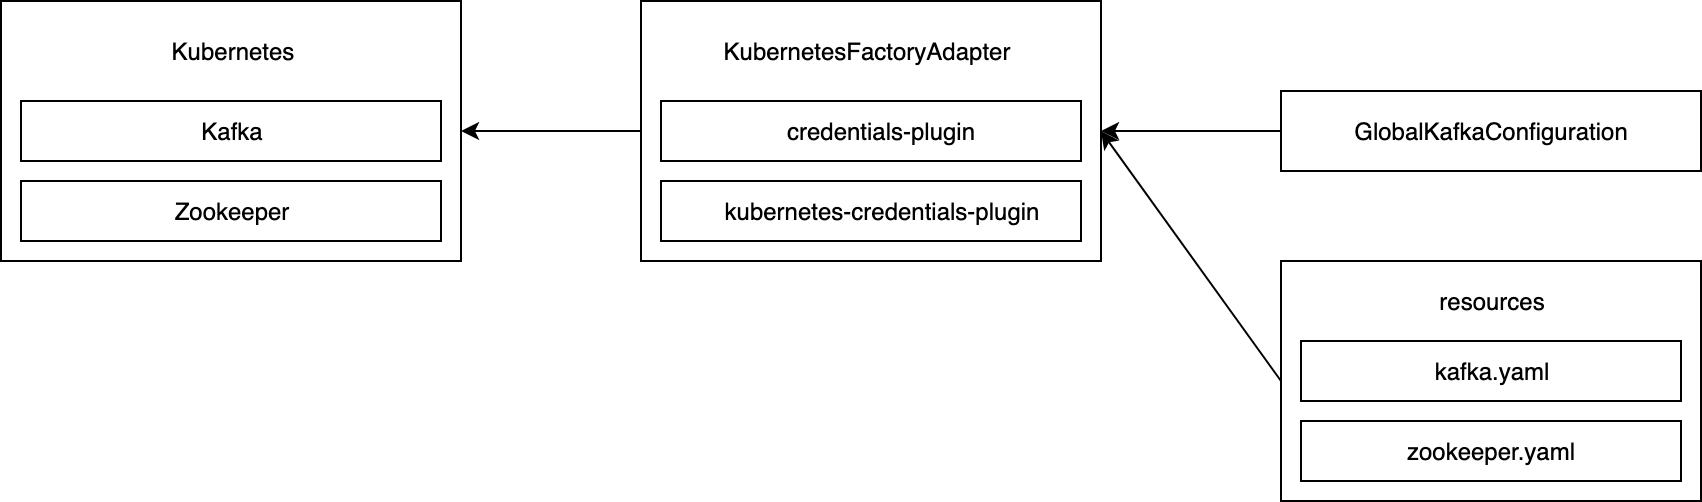 Kafka provisioning in Kubernetes architecture